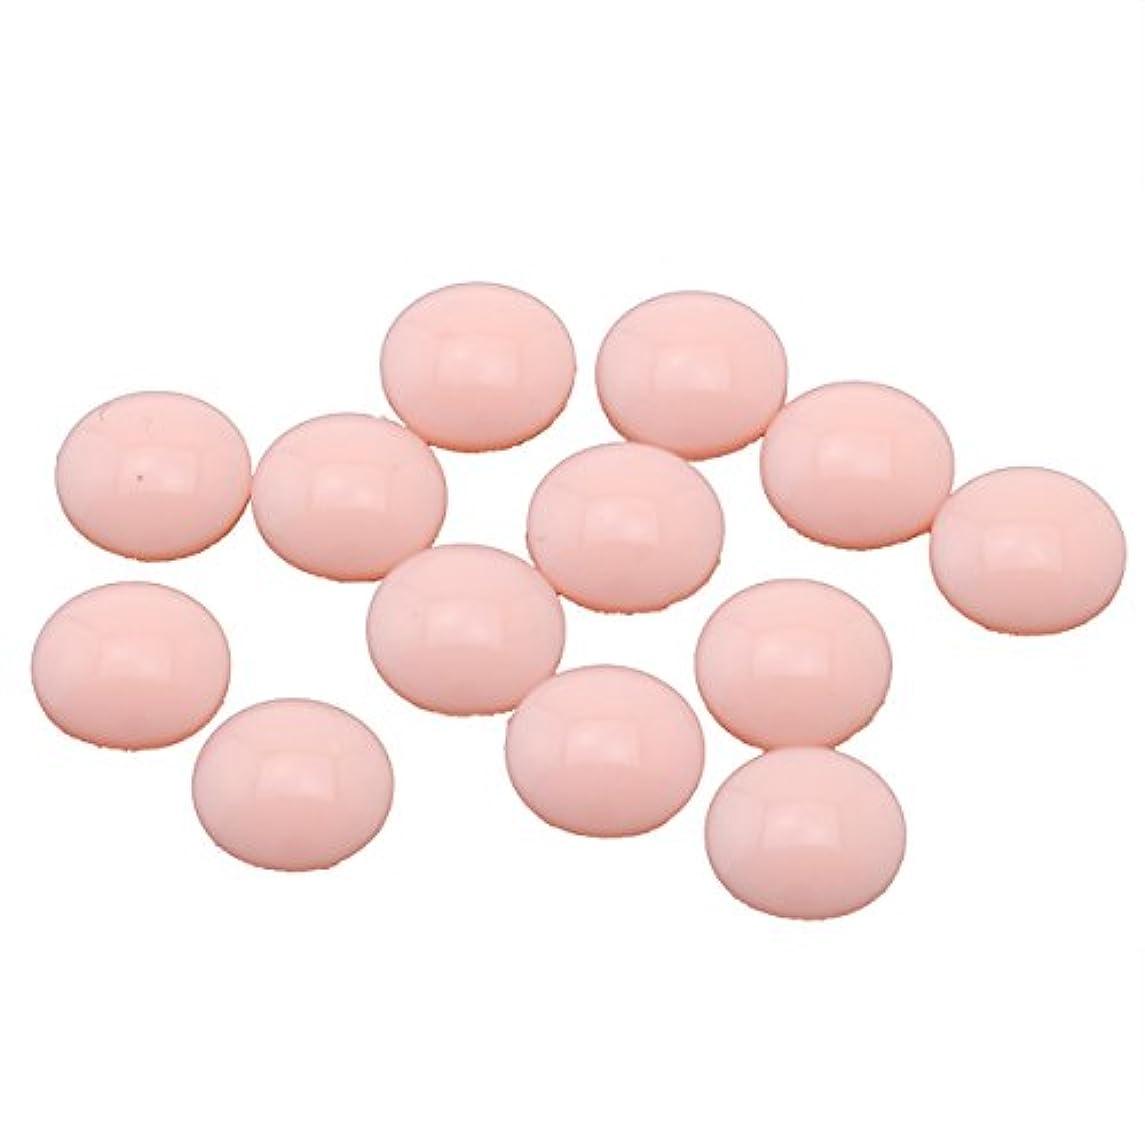 ぶら下がるわがままメアリアンジョーンズ<エトゥベラ>スモークストーン ラウンド 4mm(各30個) ピンク(4mm)